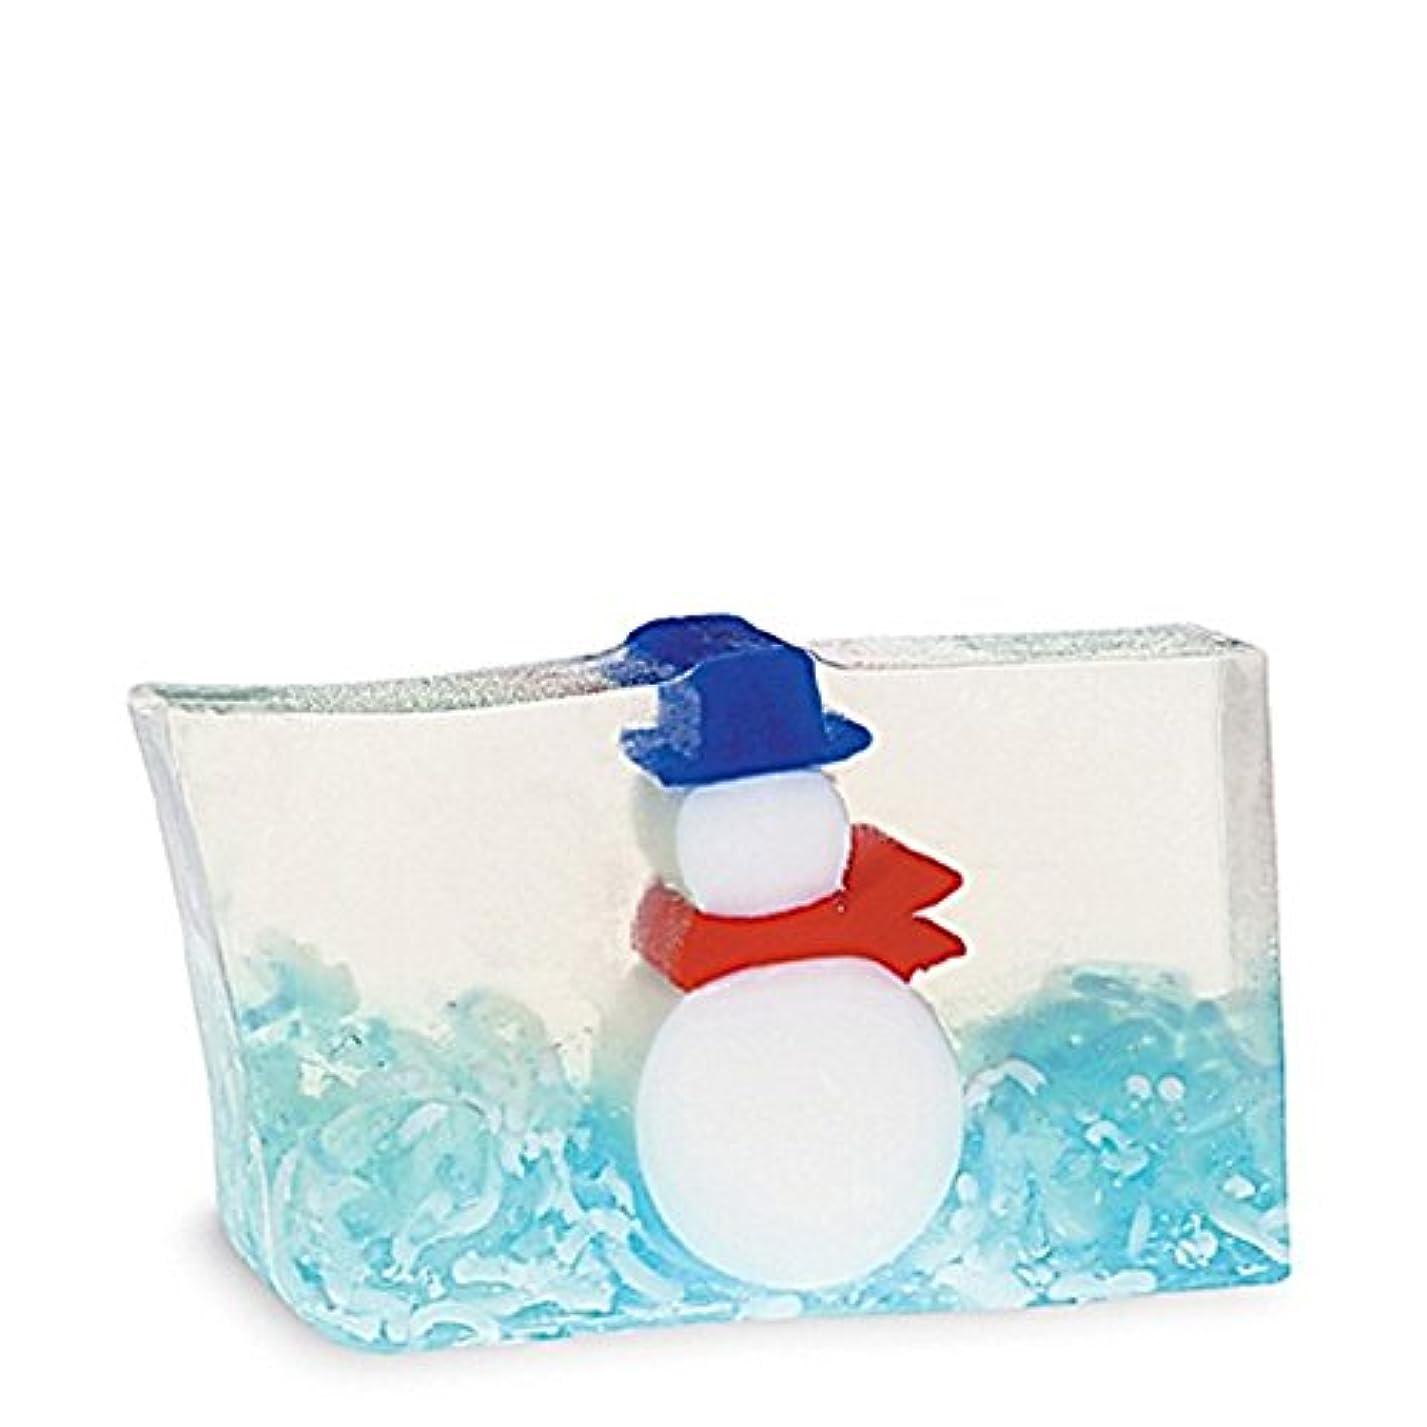 仕事に行くもっと二十Primal Elements Snowman Soap 170g - 原初の要素雪だるま石鹸170グラム [並行輸入品]